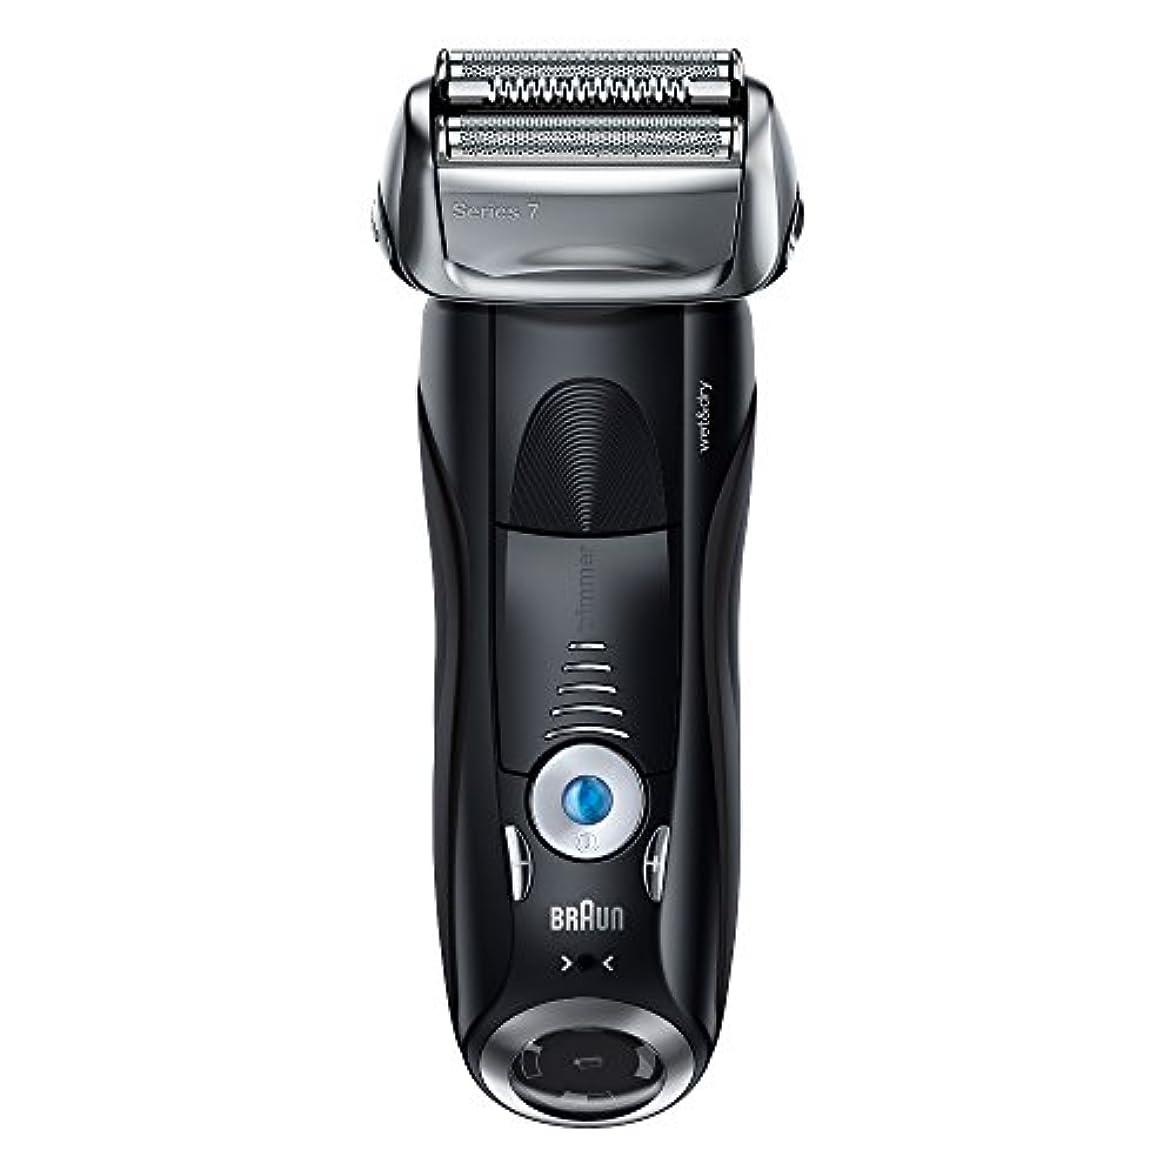 大聖堂シャーフレームワークブラウン メンズ電気シェーバー シリーズ7 7842s 4カットシステム 水洗い/お風呂剃り可